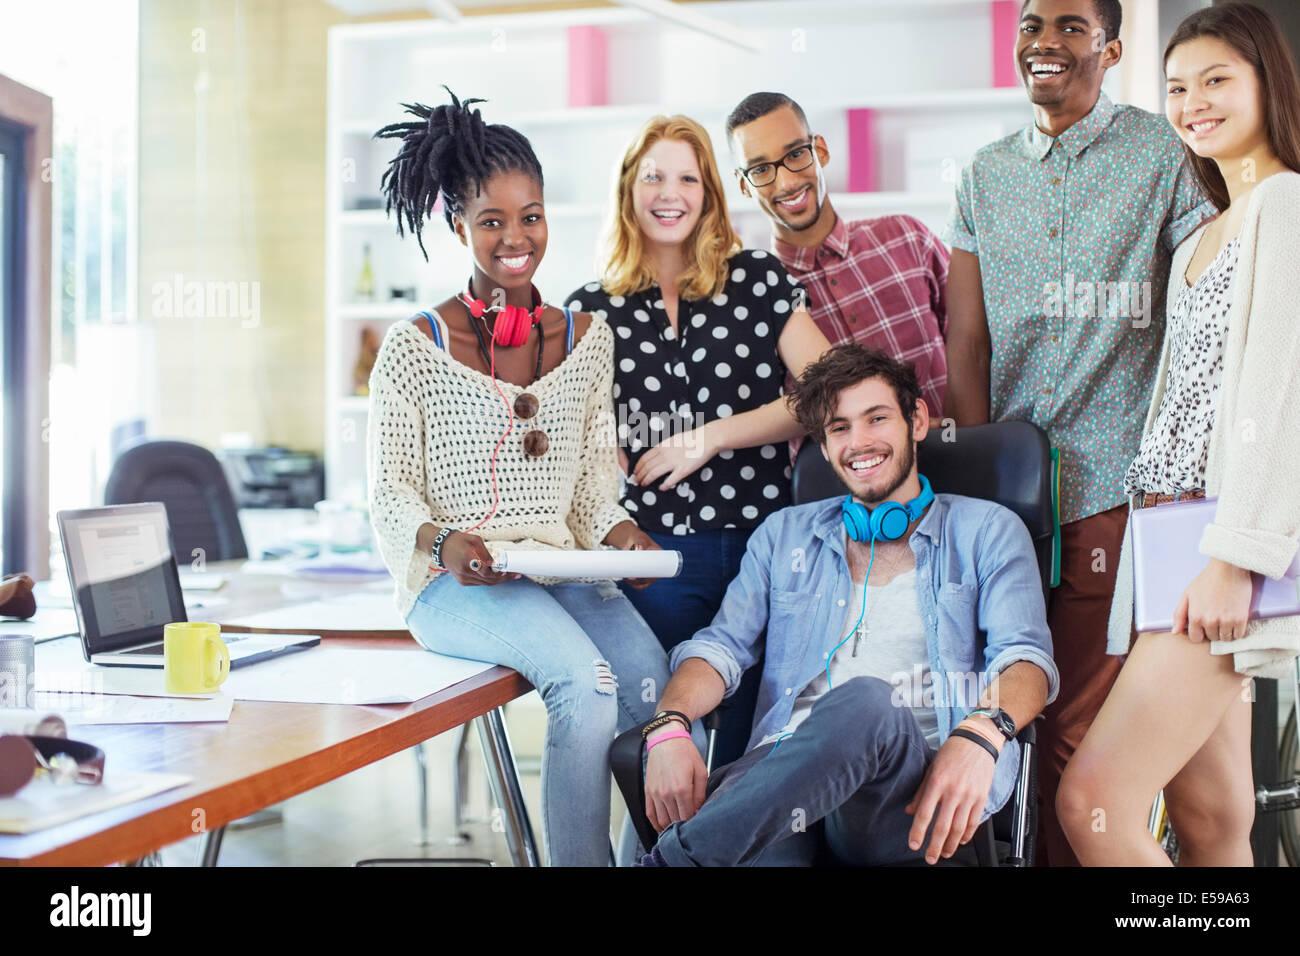 Menschen Lächeln im Büro Stockbild